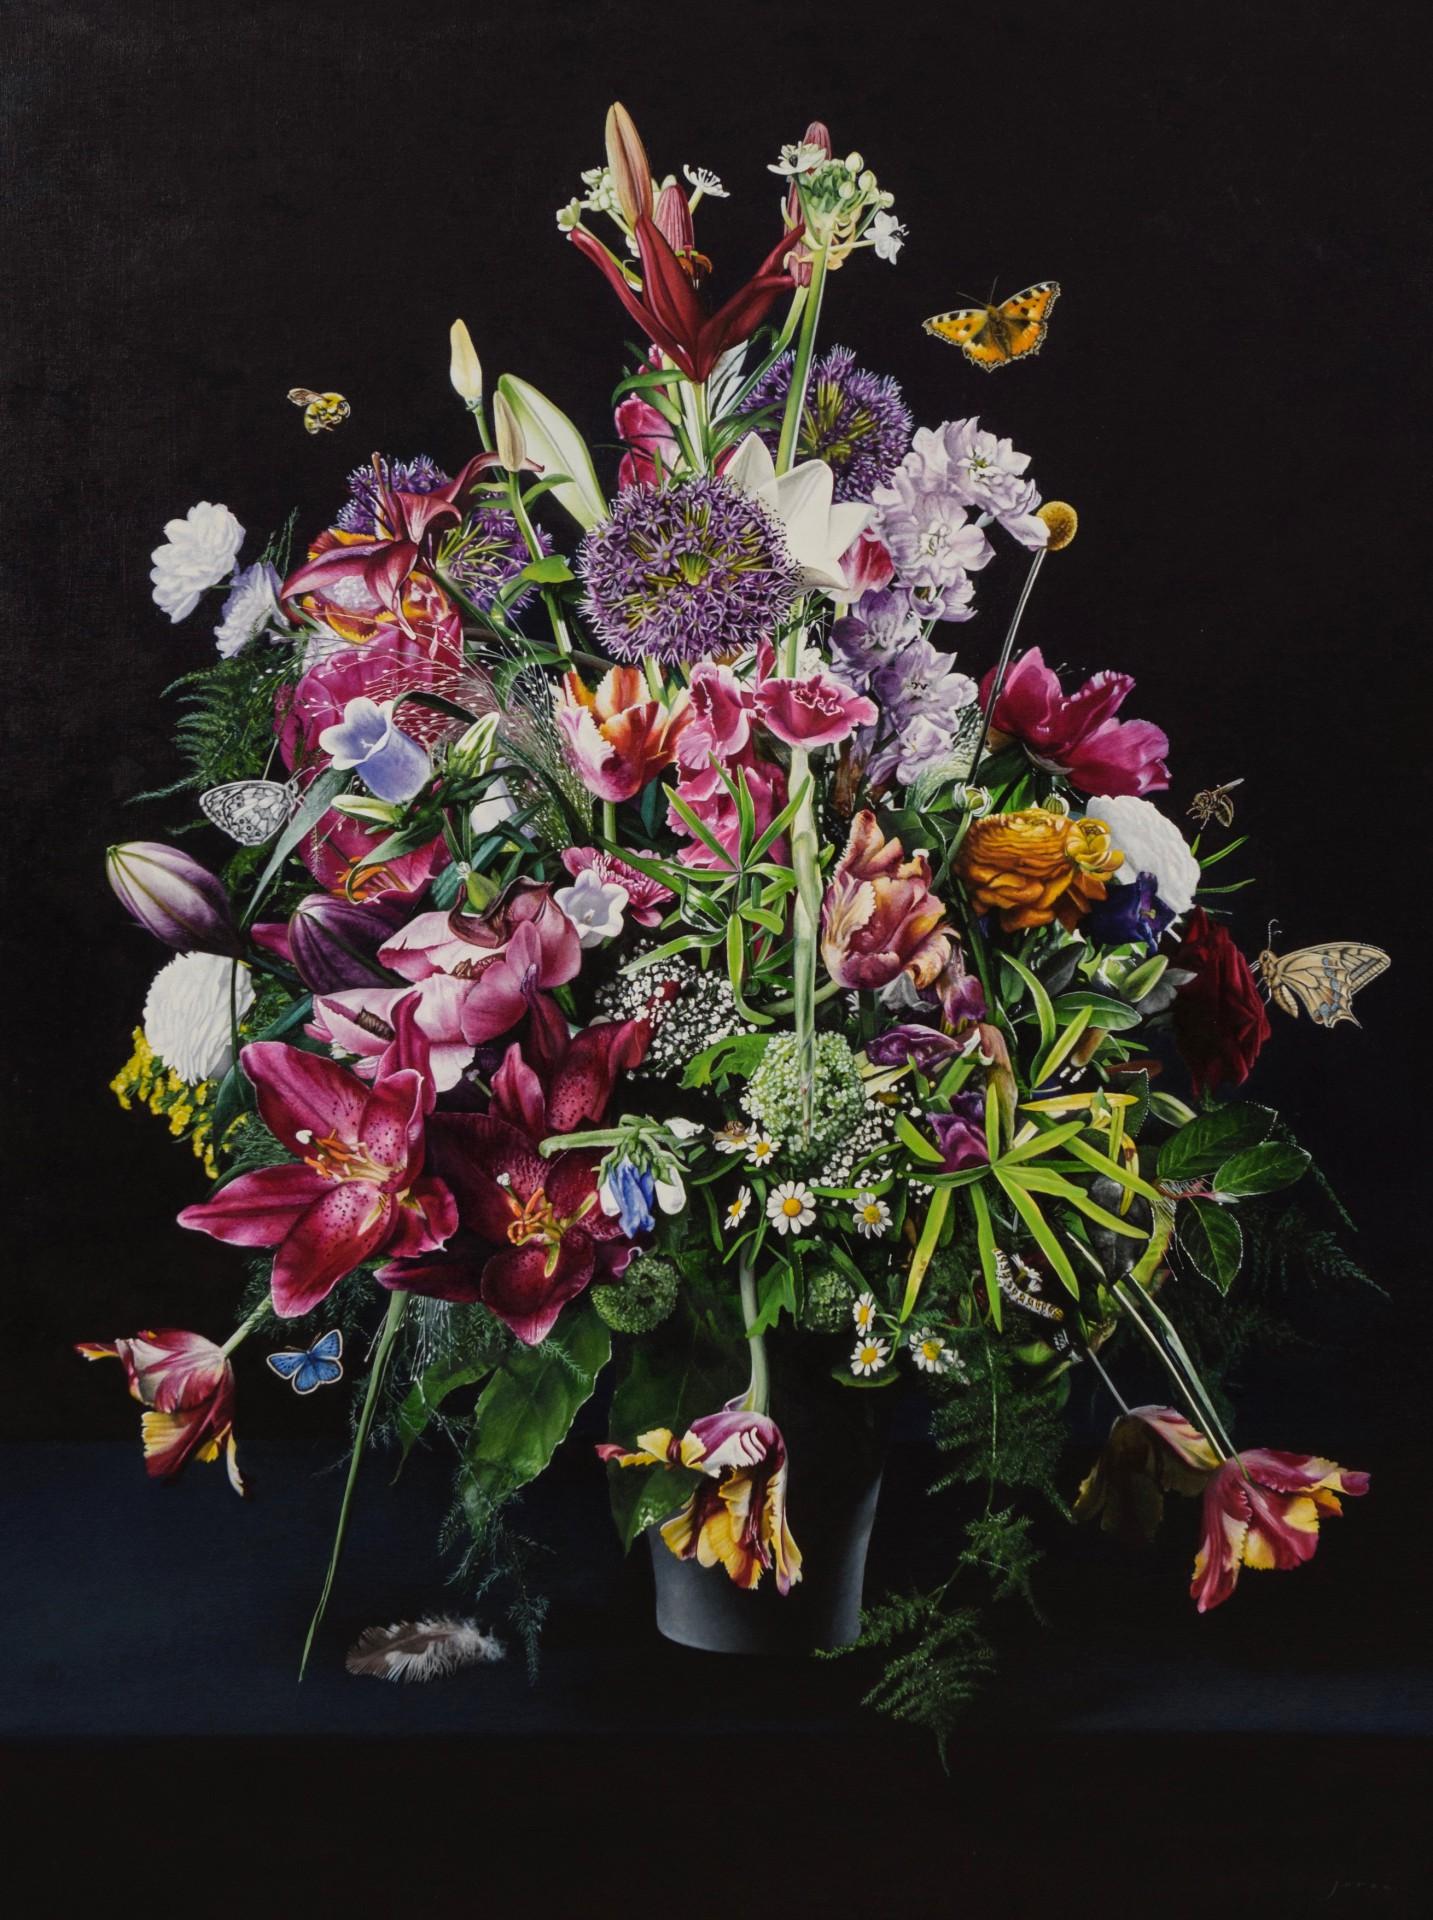 galerie bonnard joran van der haar bloemstilleven-olie-op-linnen-160x120-cm-2017-joran-van-der-haar